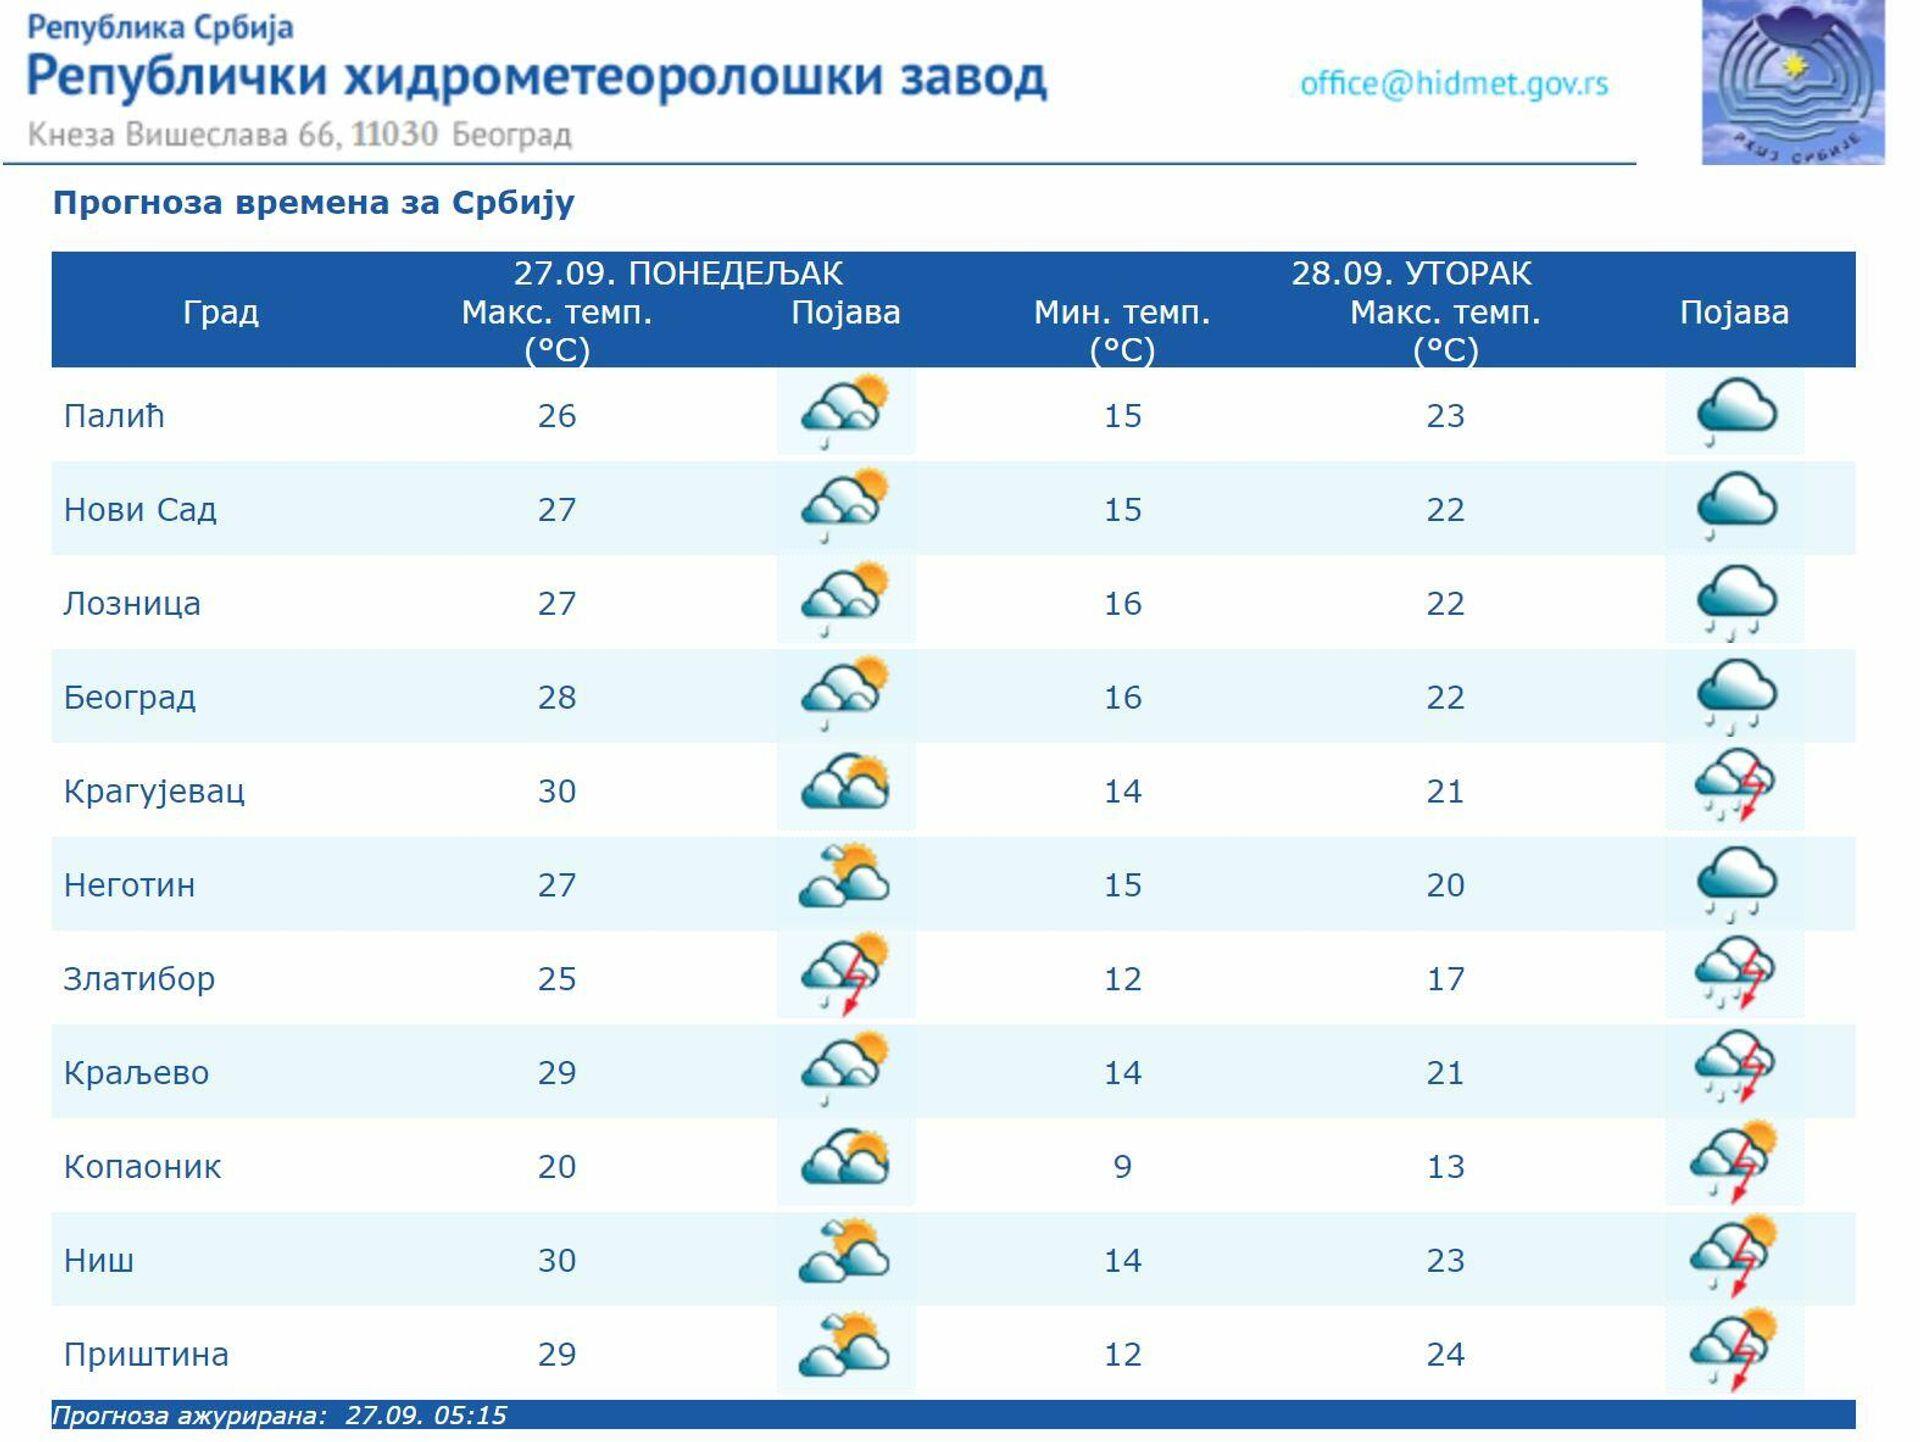 Временска прогноза за понедељак, 27. септембар - Sputnik Србија, 1920, 27.09.2021